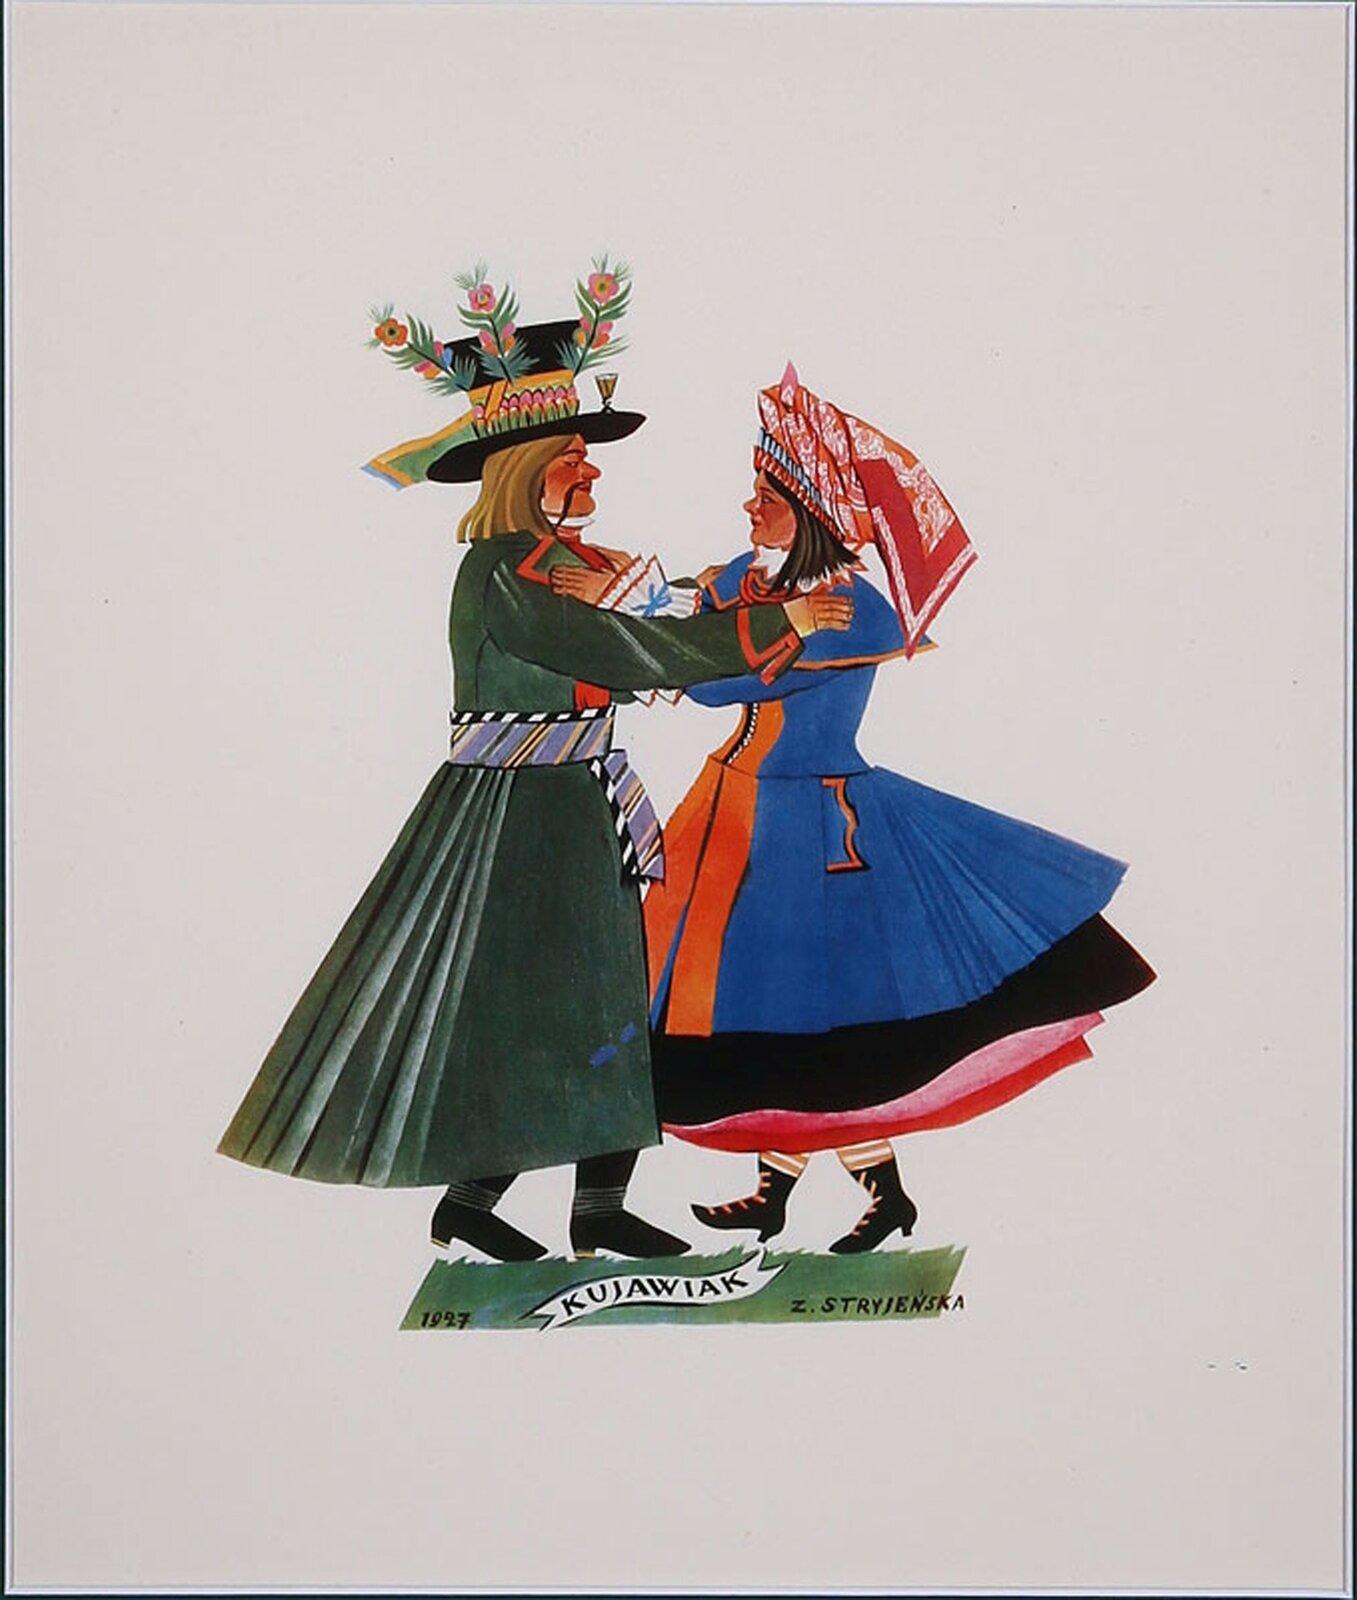 """Na ilustracji grafika Zofii Stryjeńskiej """"Kujawiak"""". Para jest zwrócona do siebie twarzami, obie osoby położyły ręcę na ramionach partnera. Mężczyzna ma bardzo długi zielony płaszcz, przewiązany pasem, na głowie wysoki czarny kapelusz ozdobiony kwiatami ipiórami. Kobieta ma na sobie przynajmniej 4 spódnice iniebieski płaszcz zpelerynką. Na głowie ma duży, czerwono-biały czepiec."""